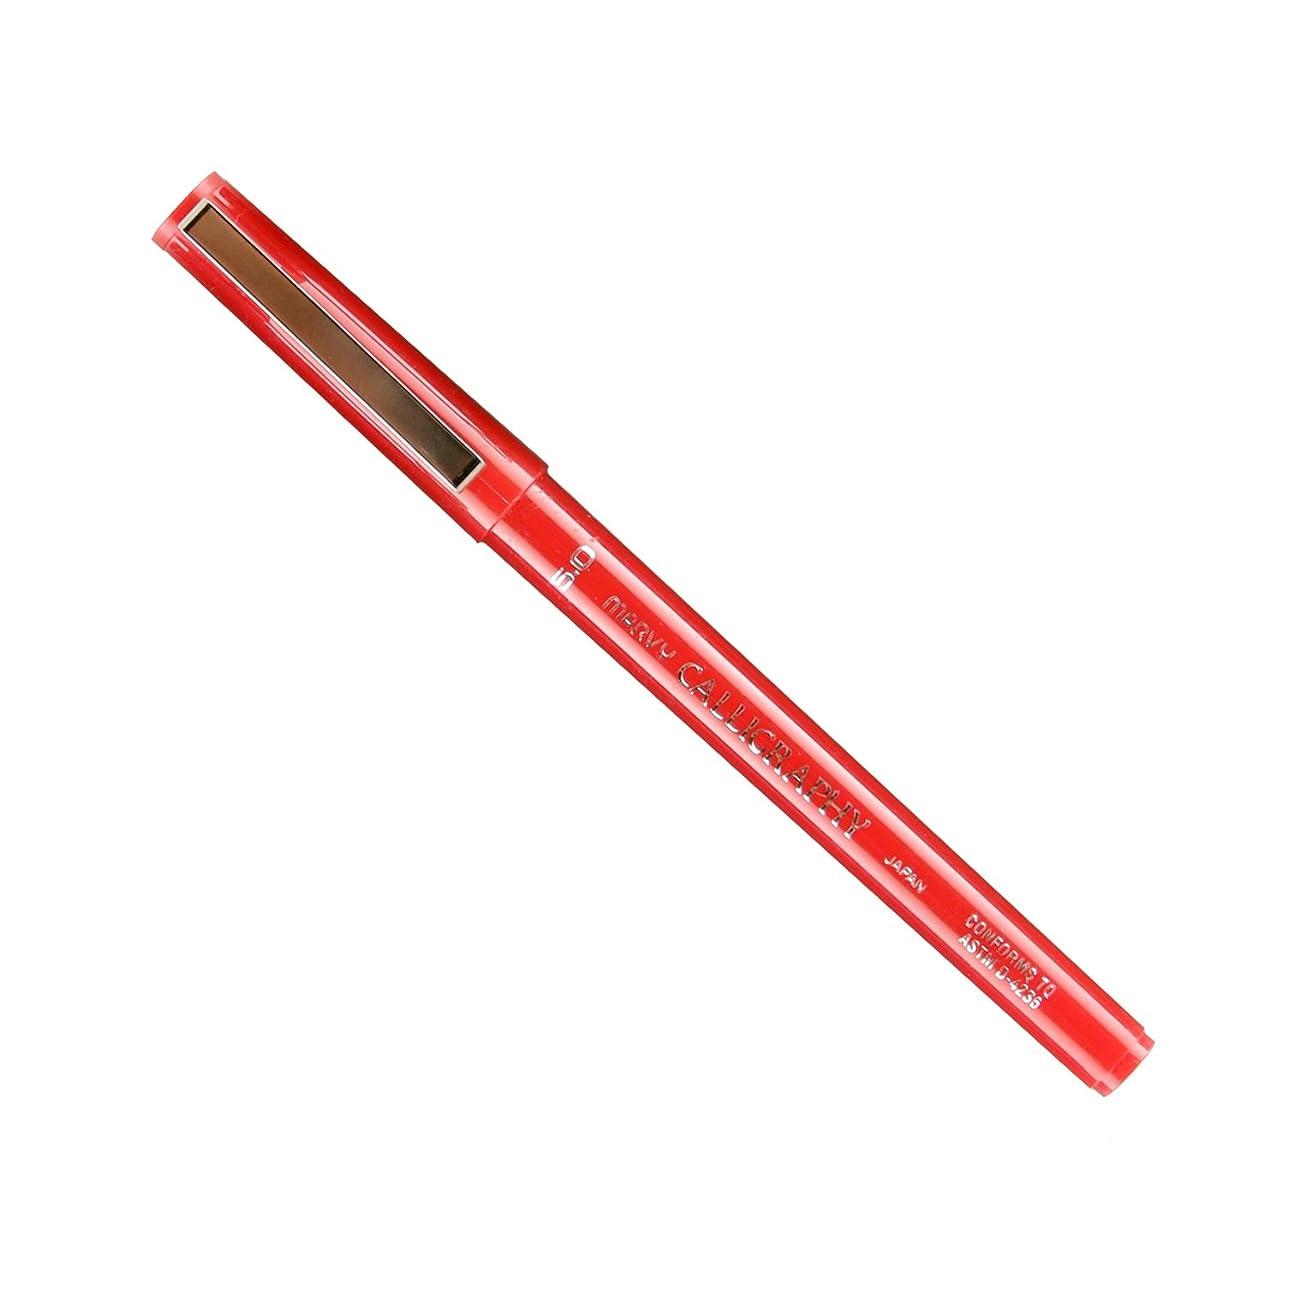 Uchida Of America 6000B-C-2 Calligraphy Marker, 5.0mm, Red